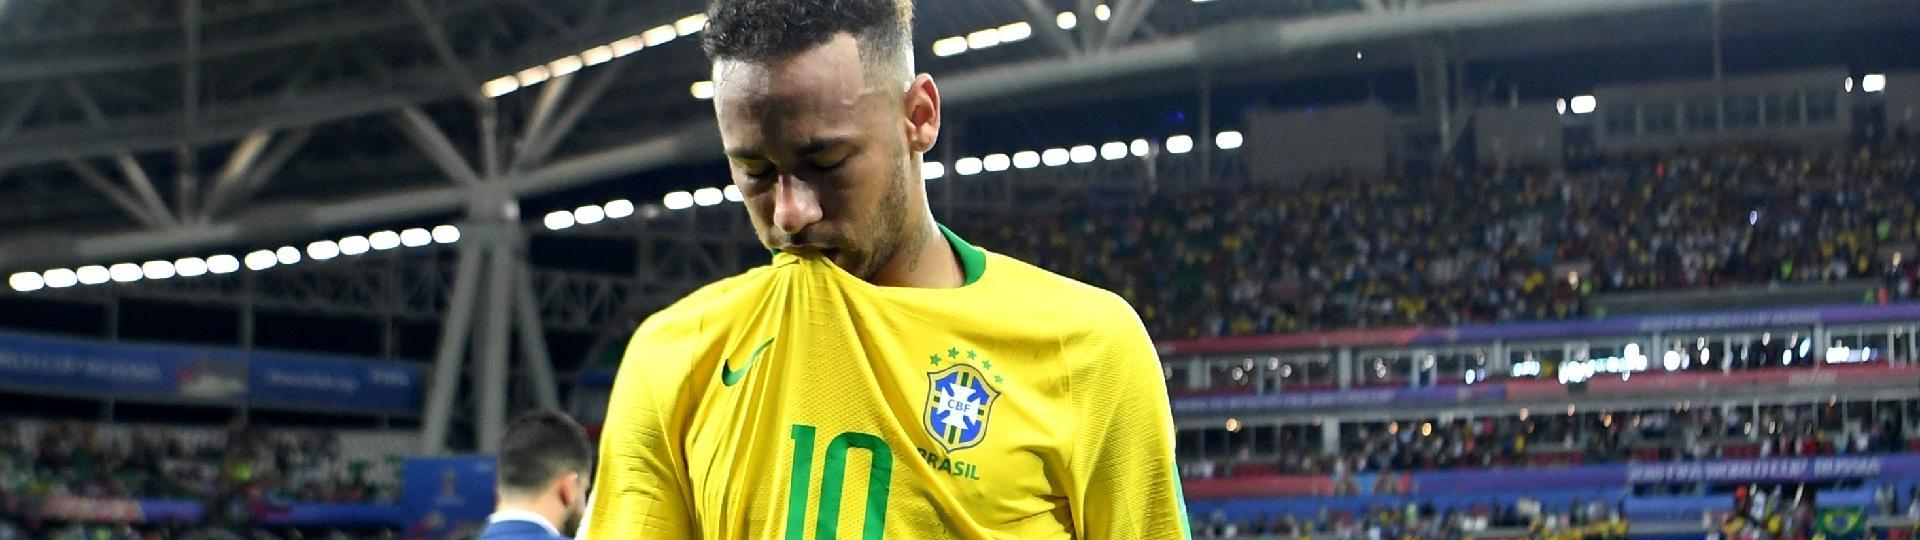 Neymar sai do gramado cabisbaixo após eliminação do Brasil contra a Bélgica